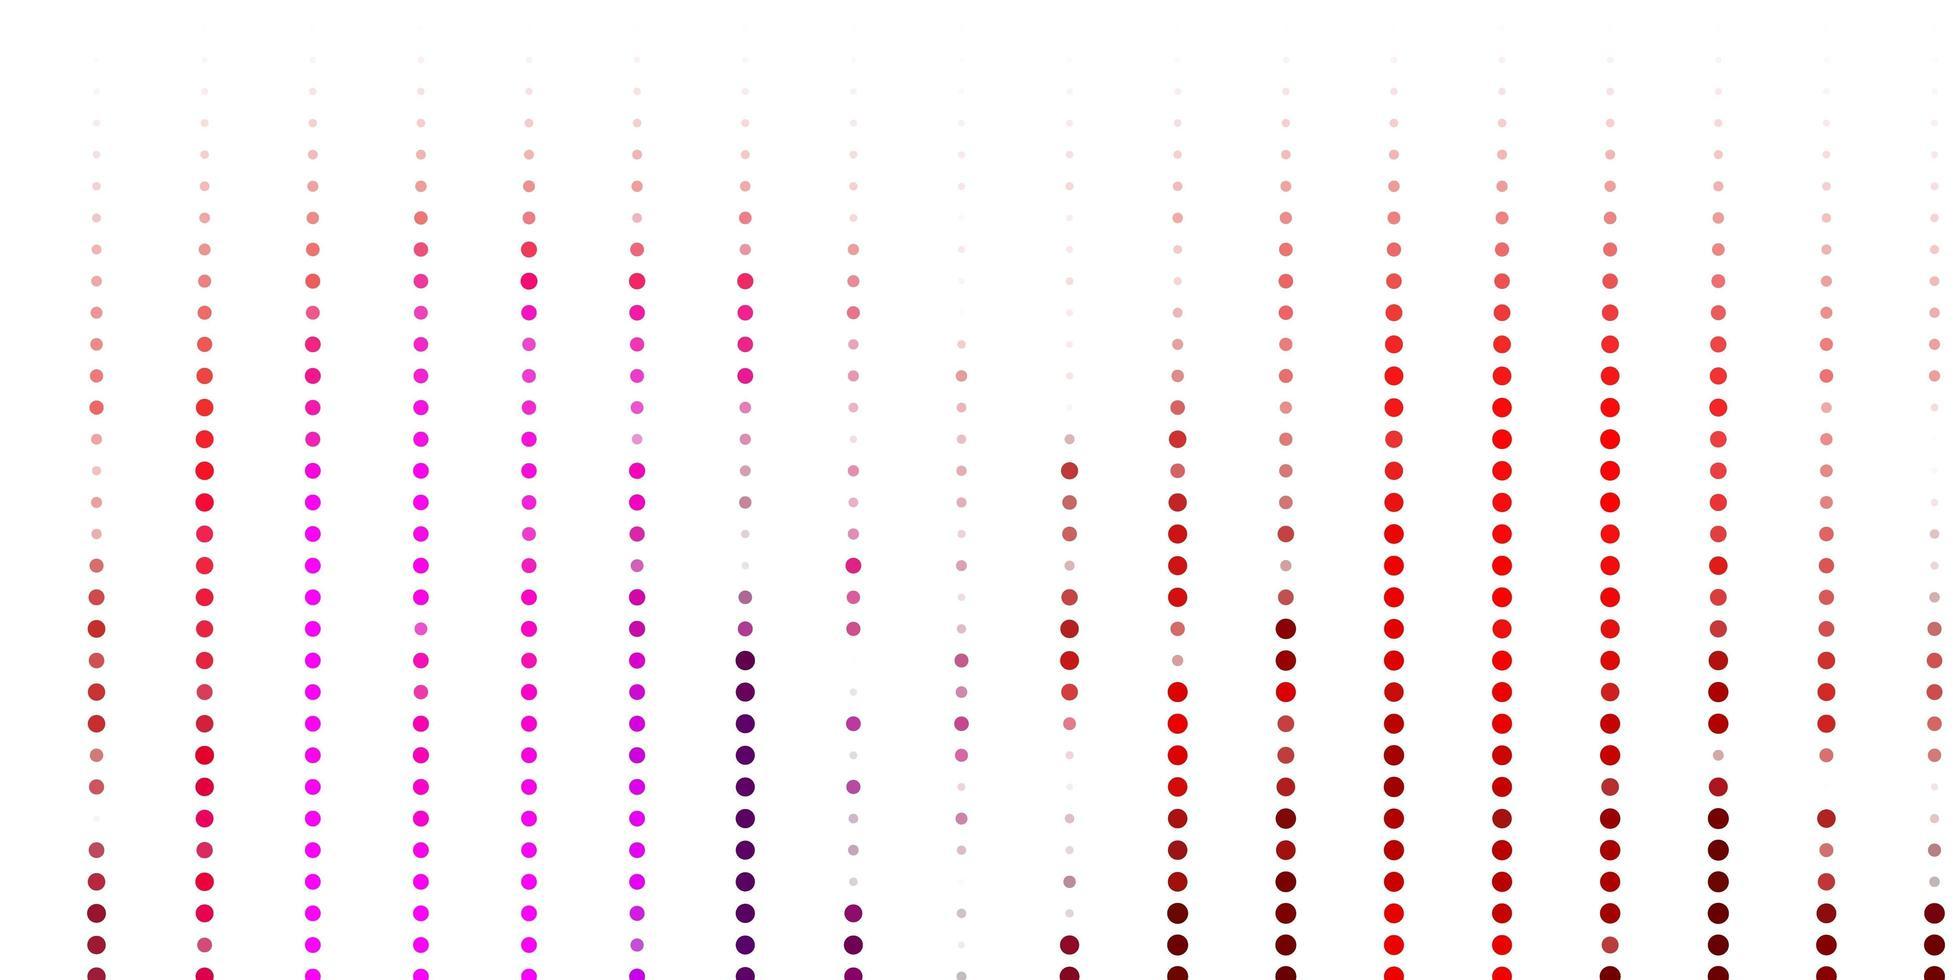 textura de vetor rosa e amarelo claro com discos.